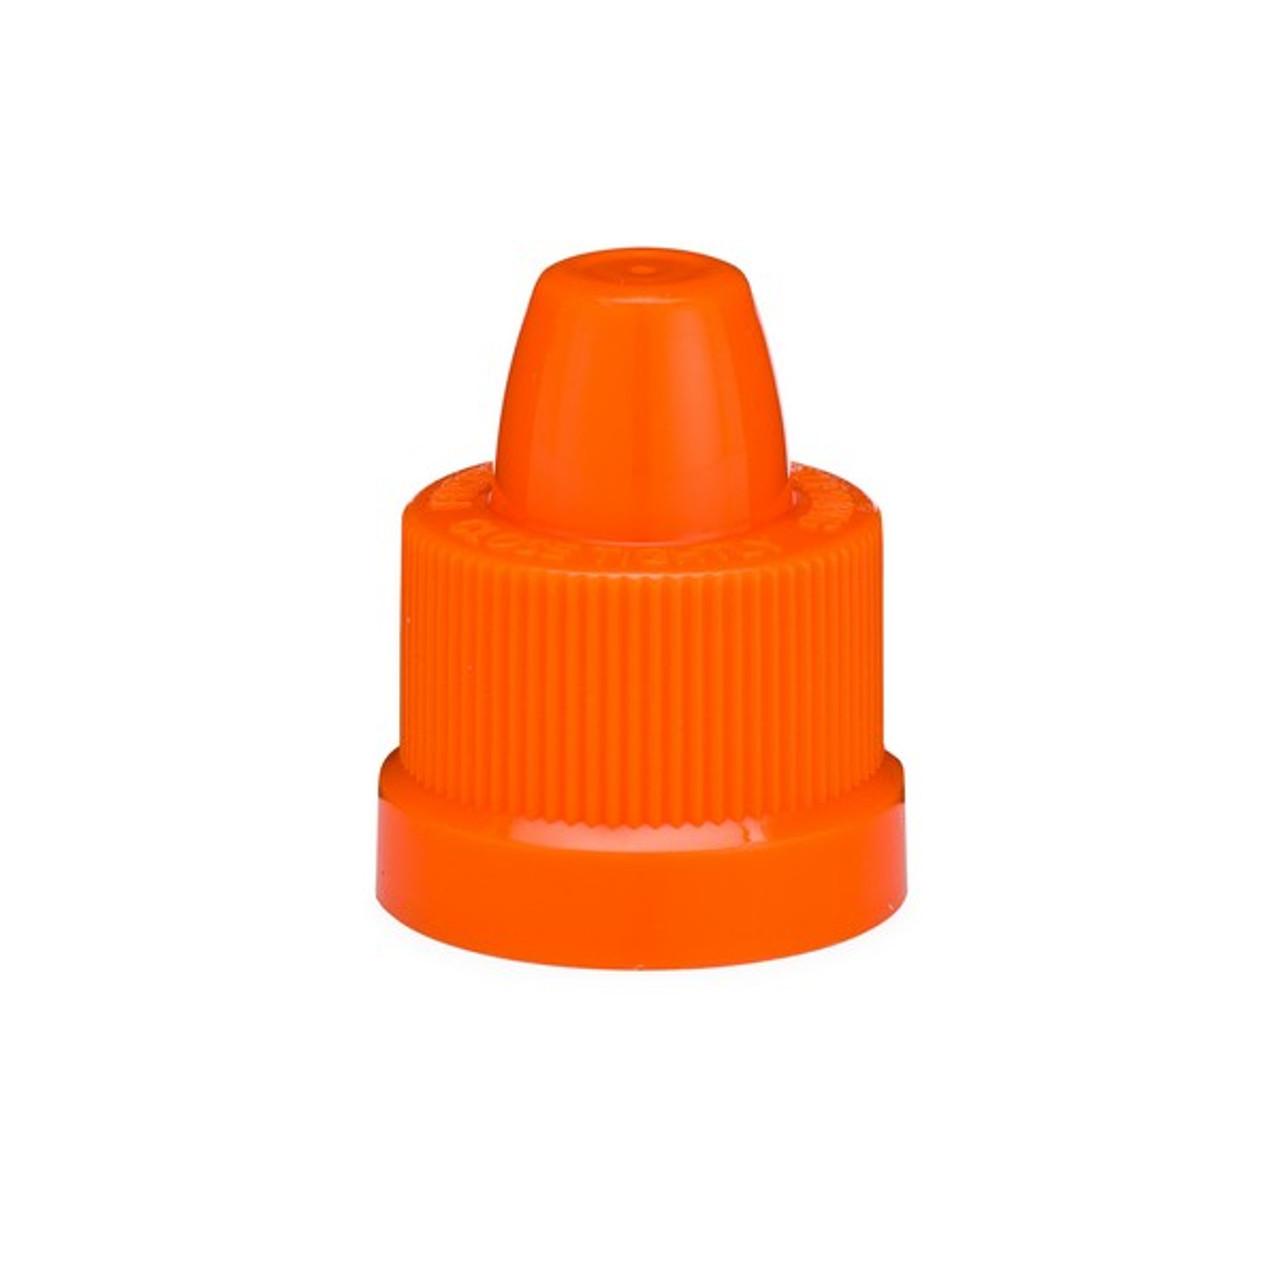 15-415 Orange Child-Resistant SecureCaps - 1202B01ORG